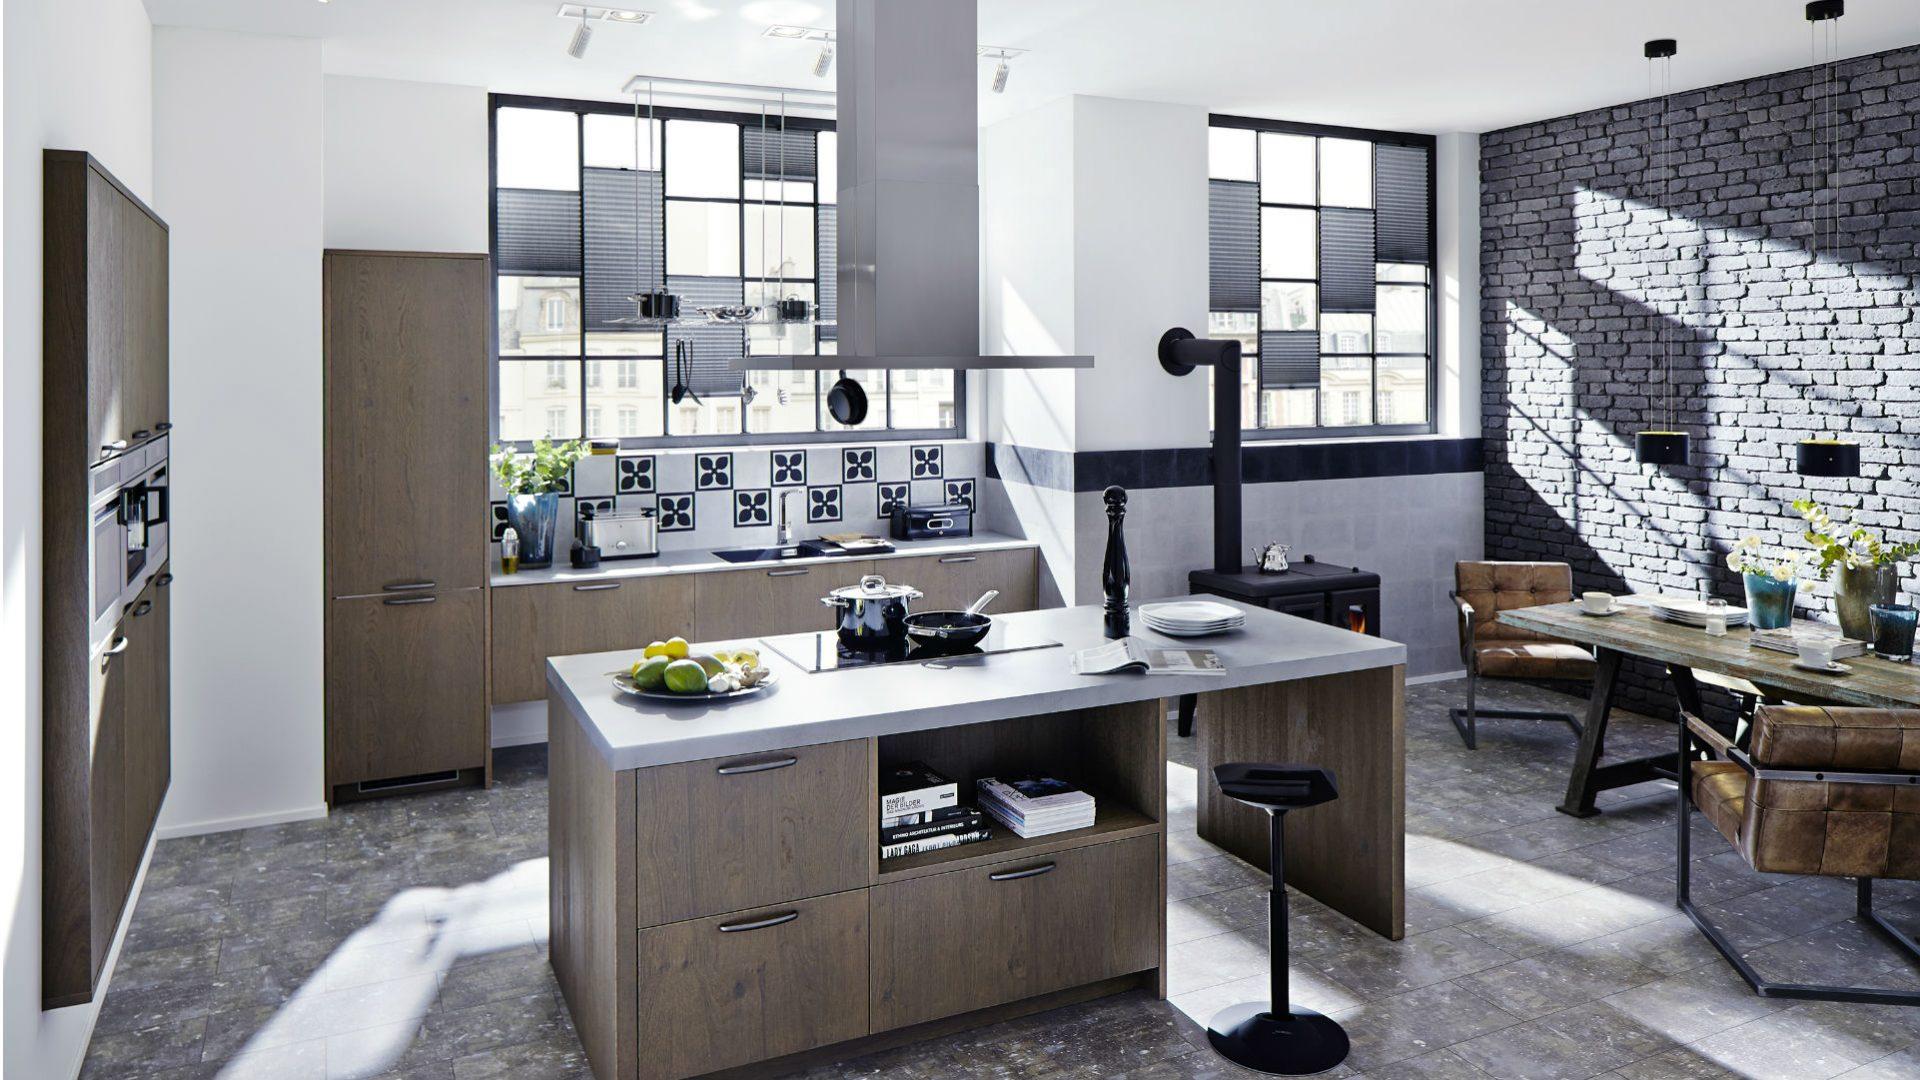 Keuken Laten Plaatsen : Keuken laten plaatsen keukenmontage daar zijn wij in gespecialiseerd